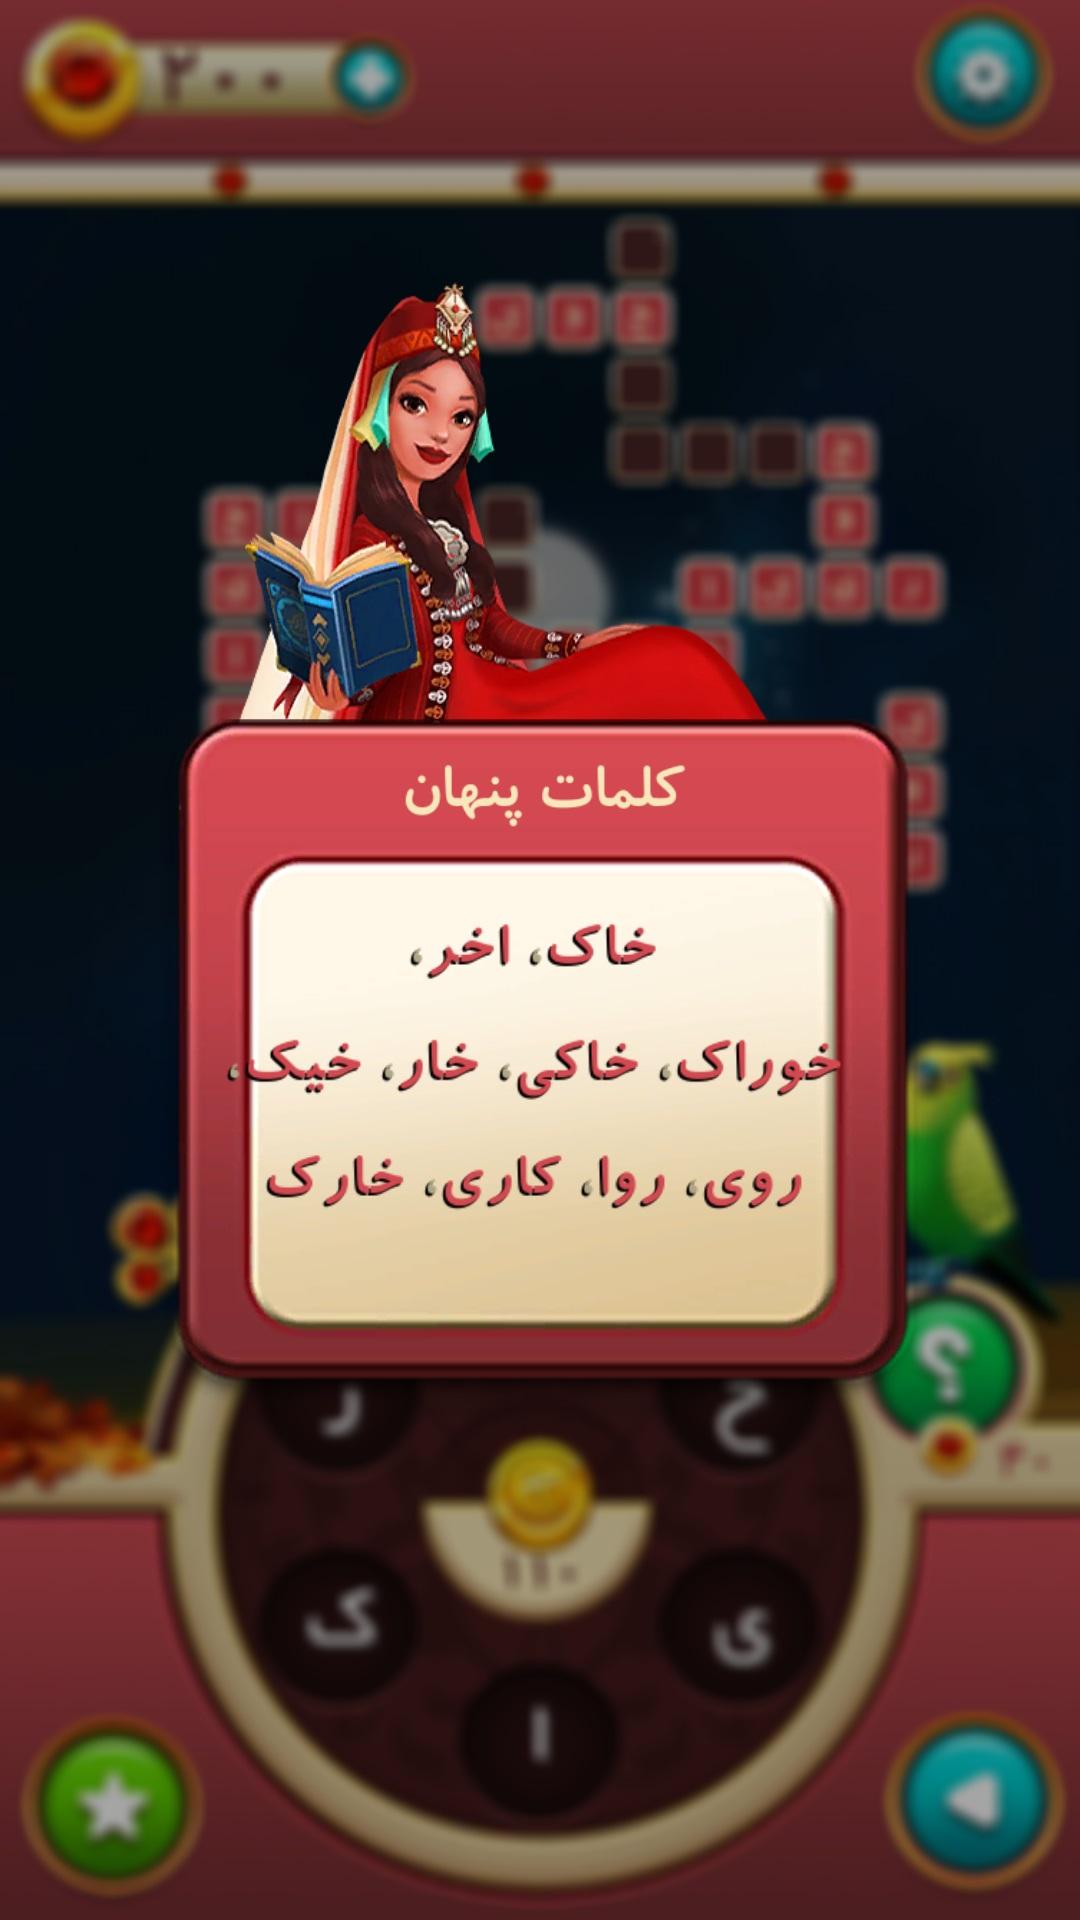 شهرزاد 6 - بررسی بازی «هزار افسان: شهزاد»؛ با حروف بازی کنید و افسانه بخوانید